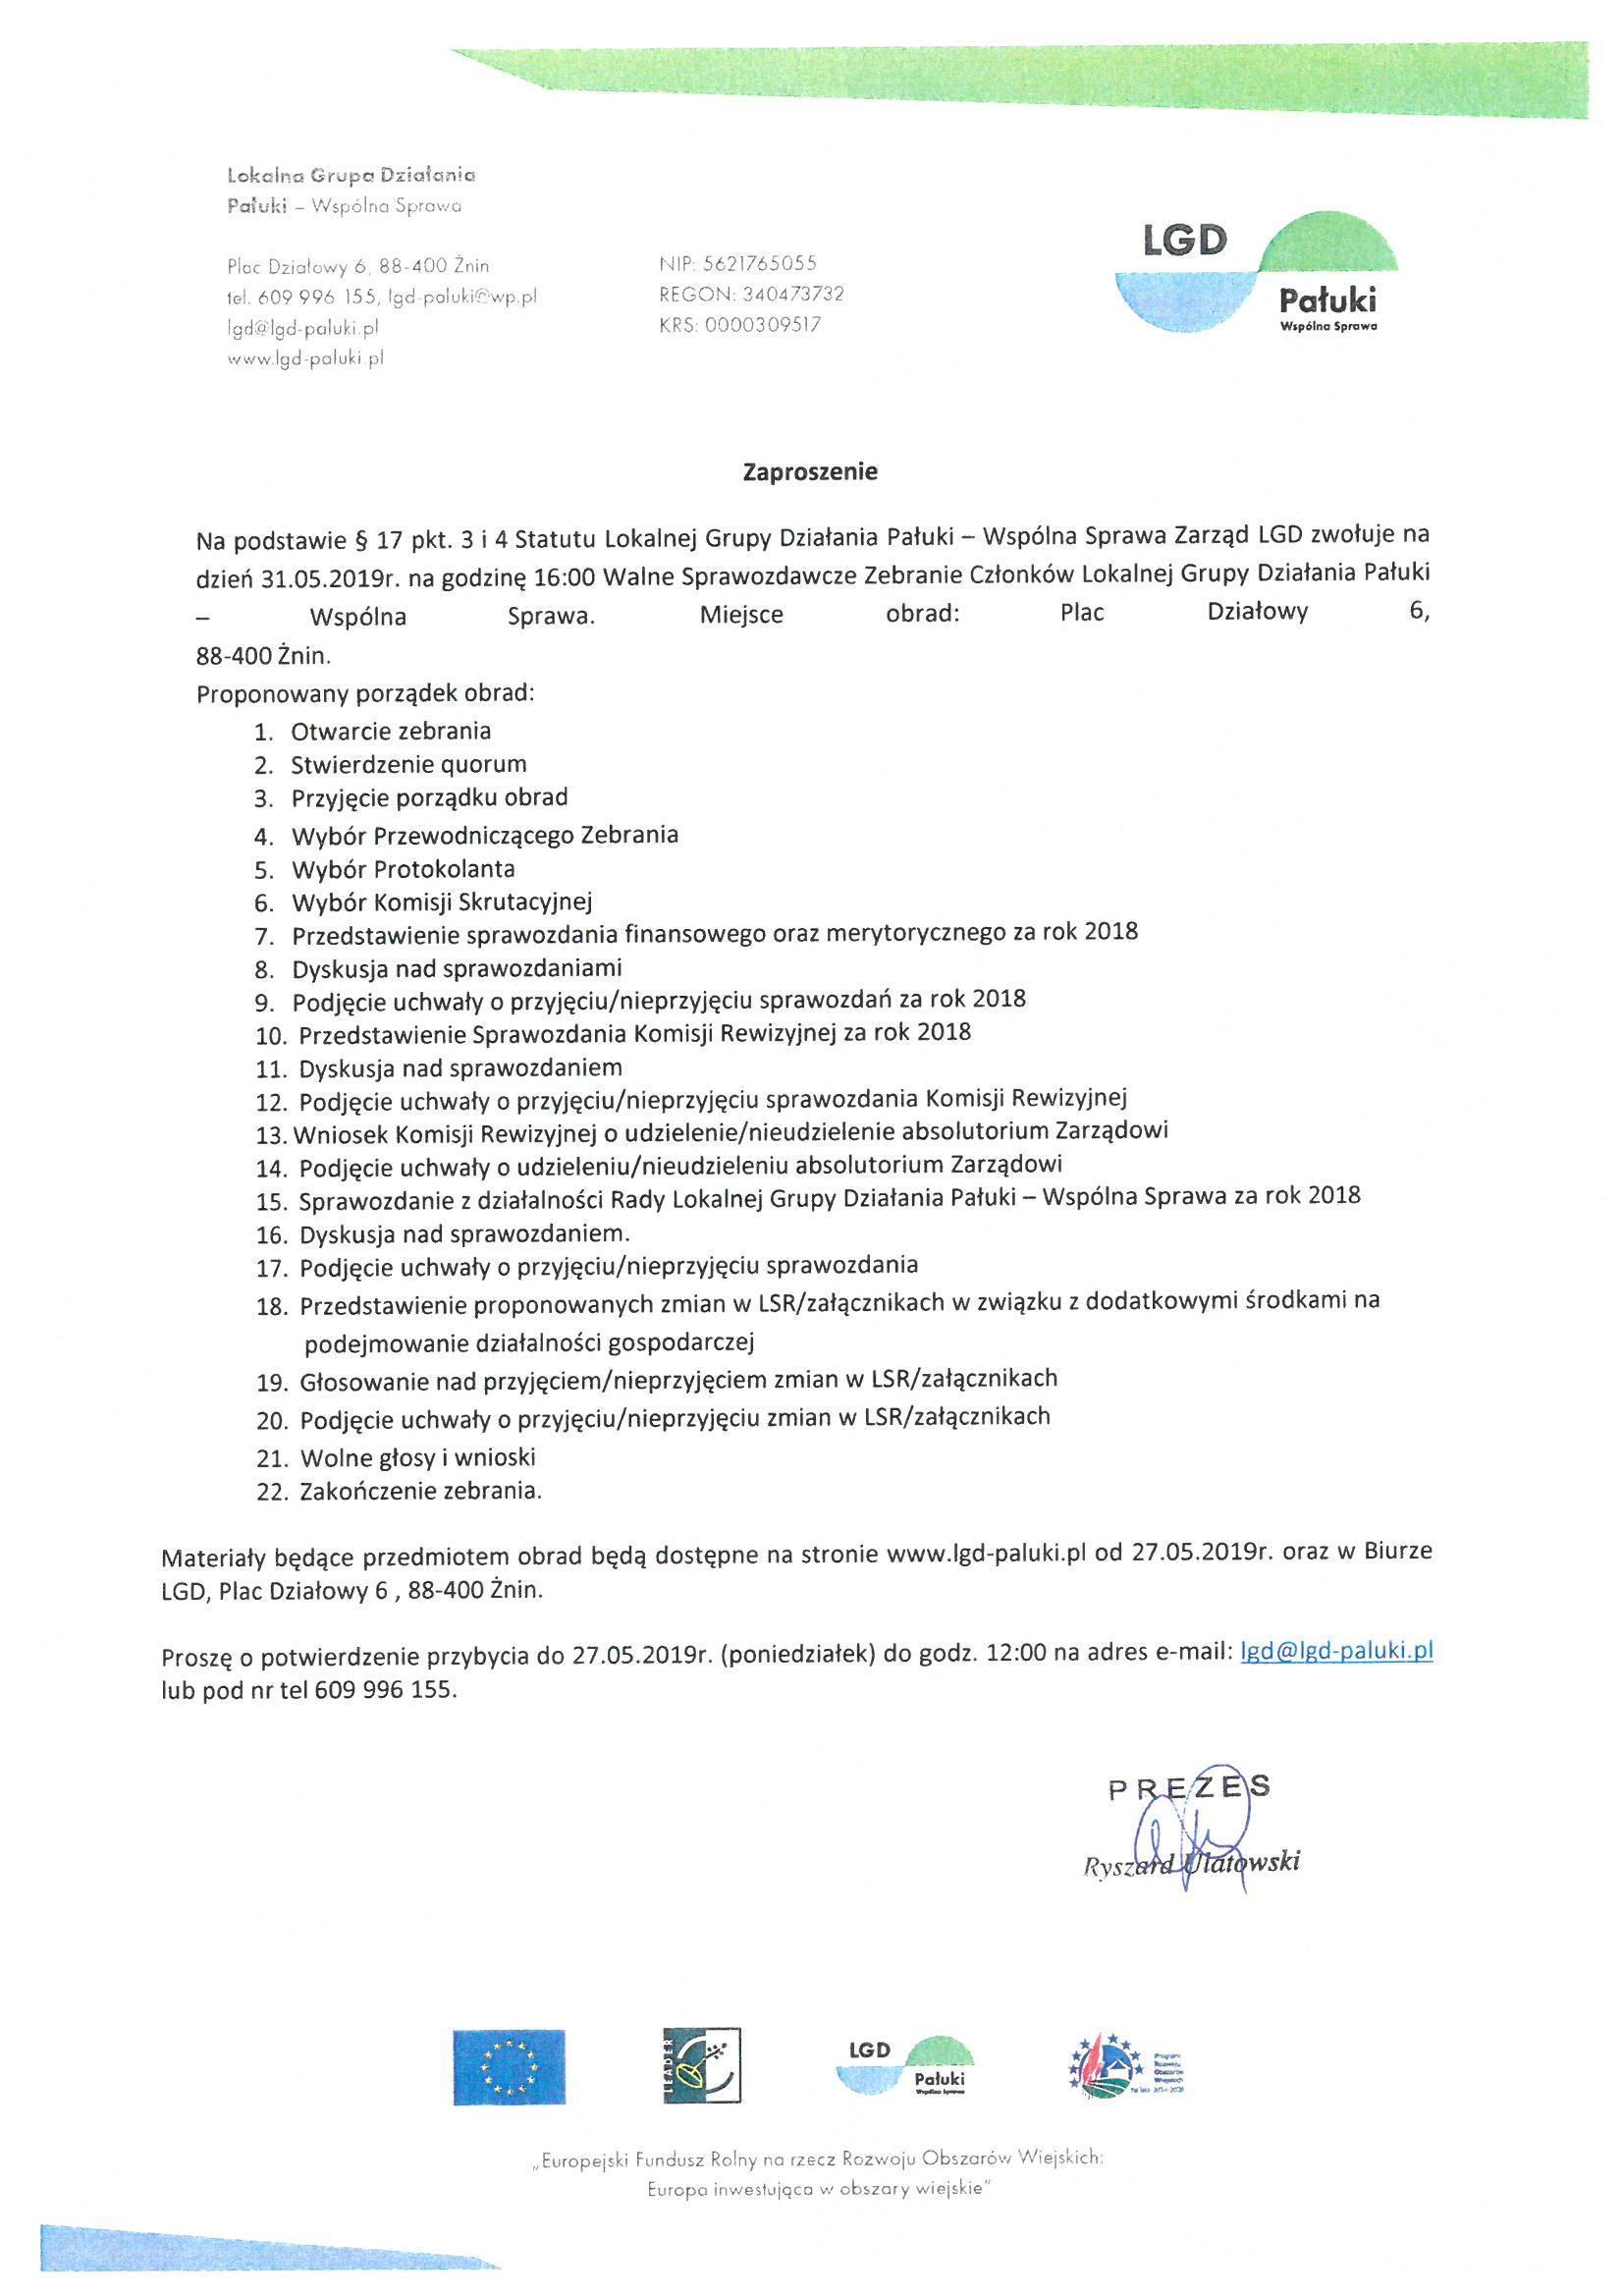 Zaproszenie na Walne Zebranie Członków LGD Pałuki - Wspólna Sprawa